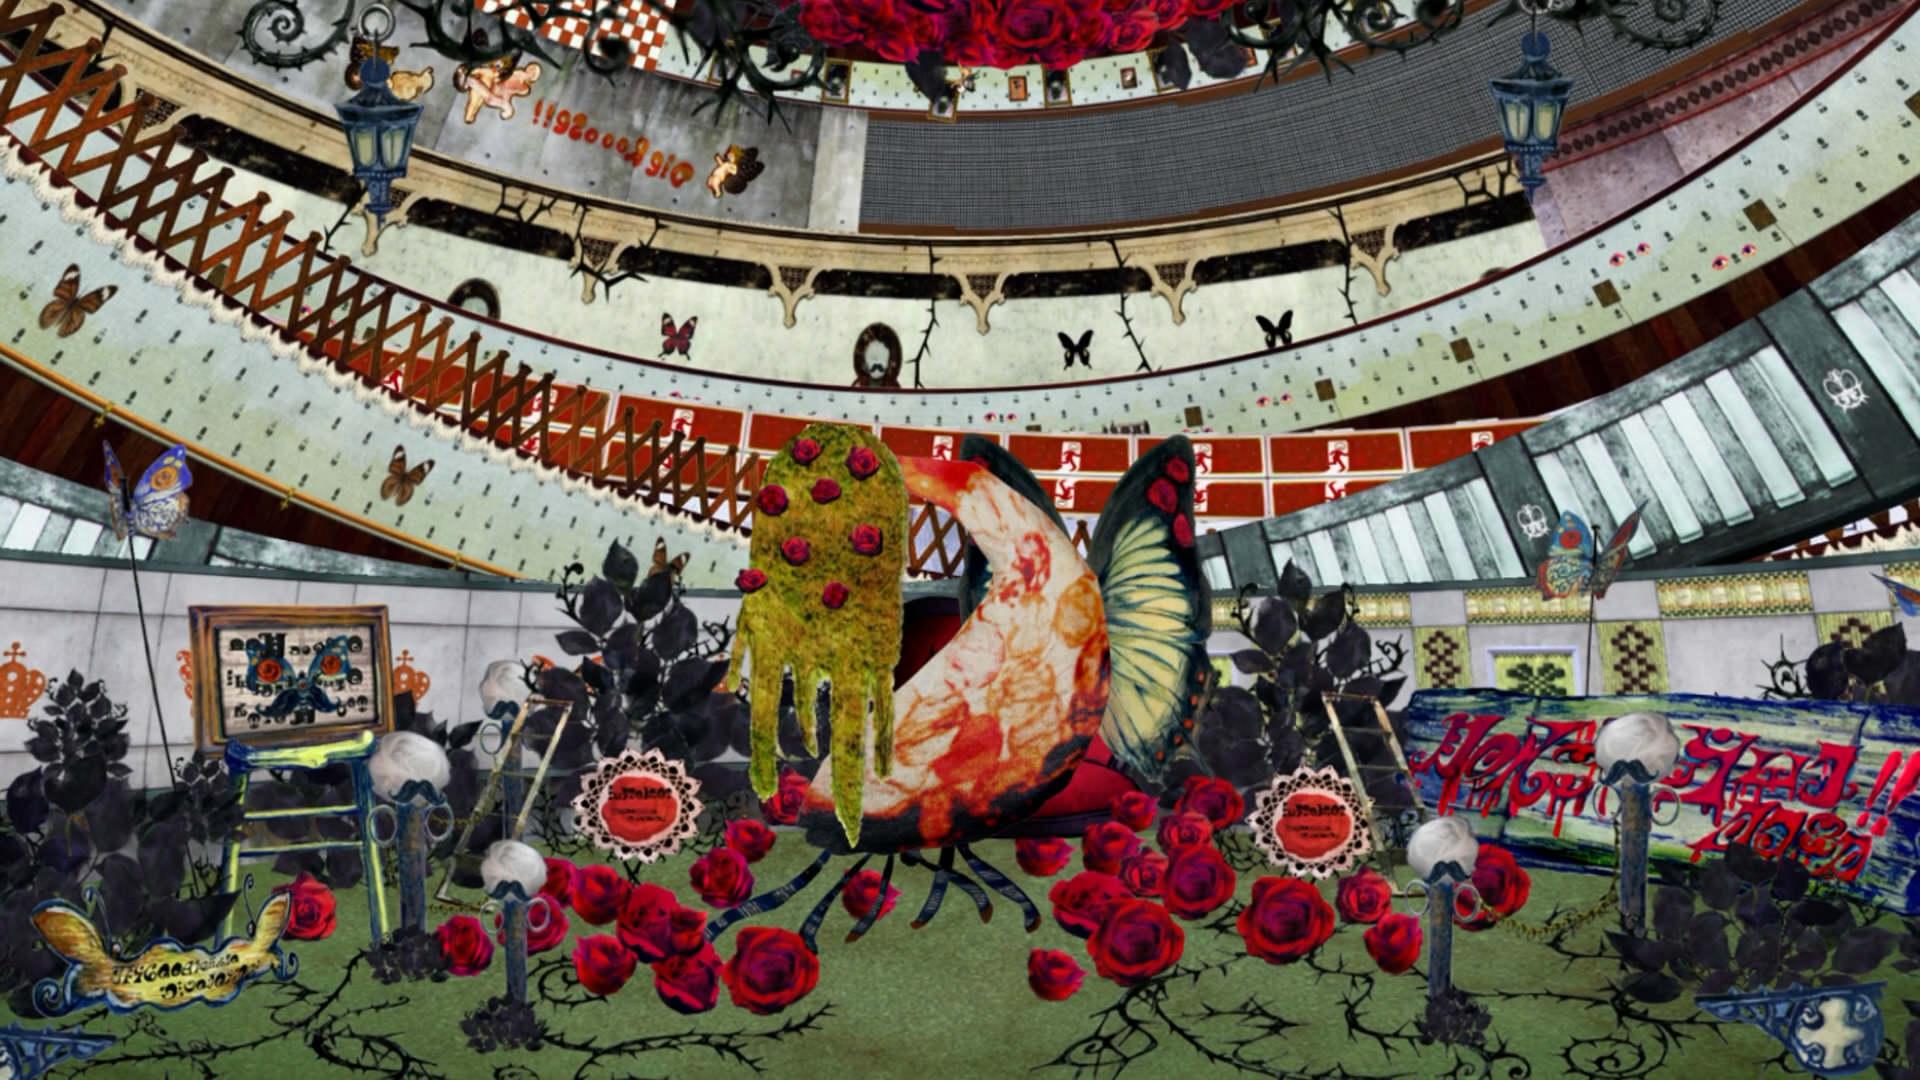 まどマギ 絶望先生 の異空間設計等で有名な劇団イヌカレー 泥犬さんが個展 床下展 4月8日 5月9日